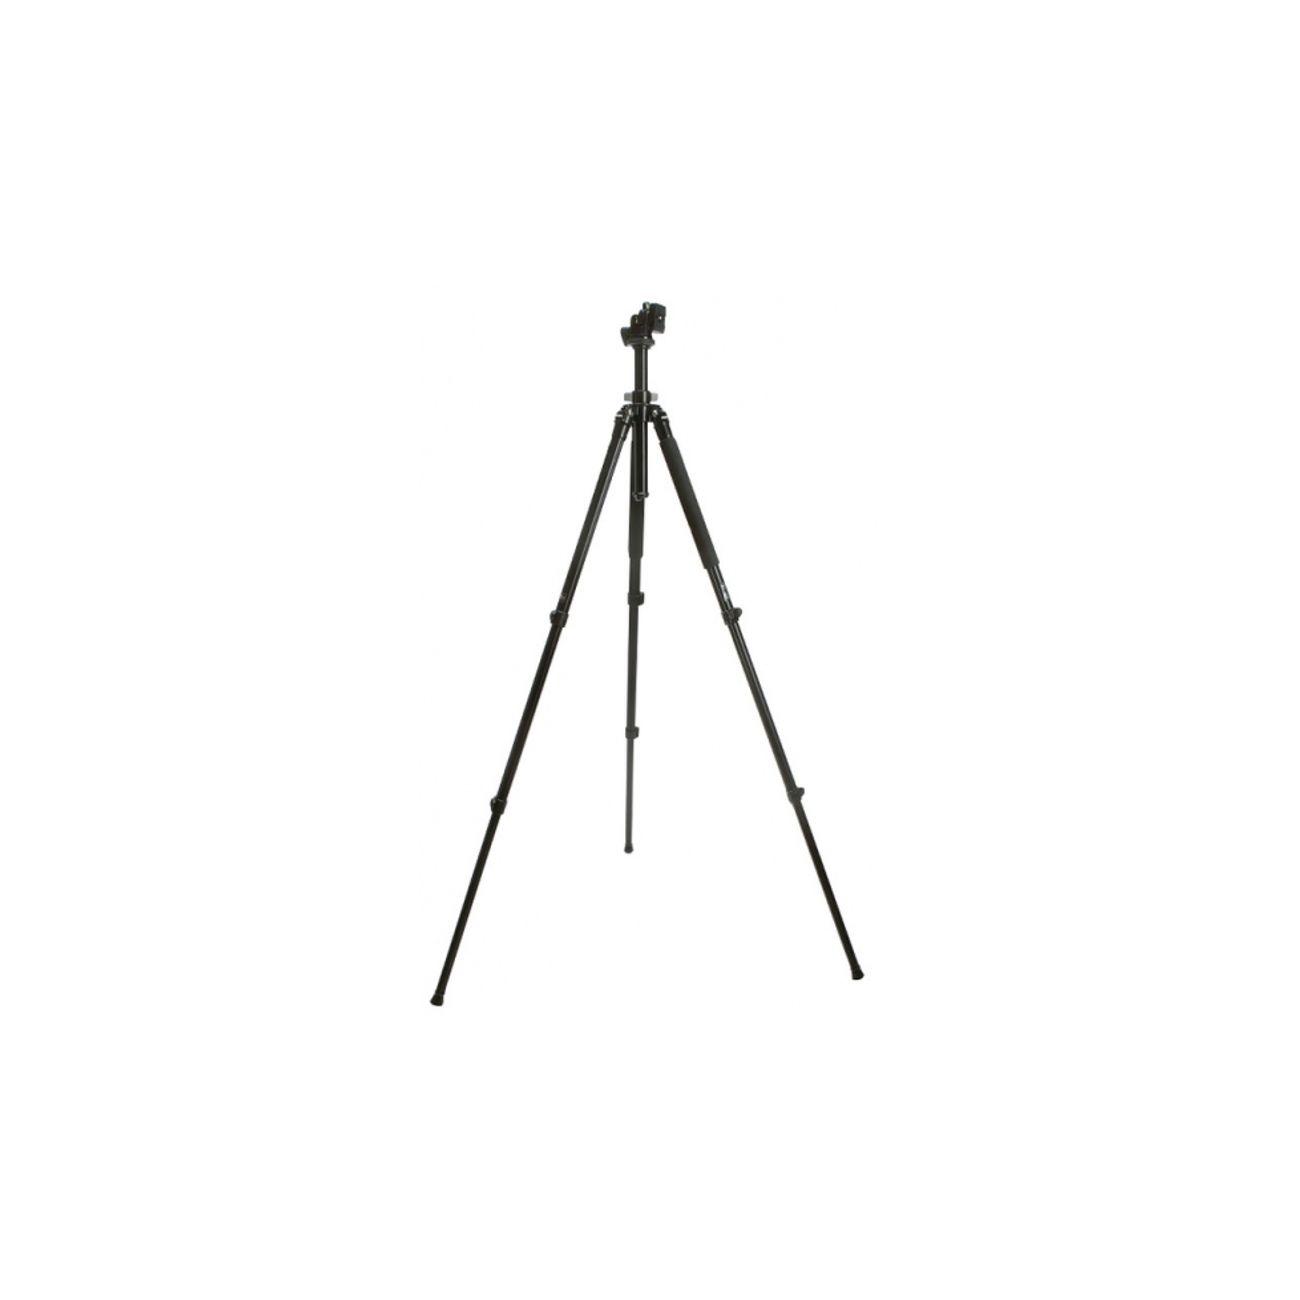 Chasse  KONUS Trépied pro magnesium  1570mm pour appareil photo , longue vue, jumelles